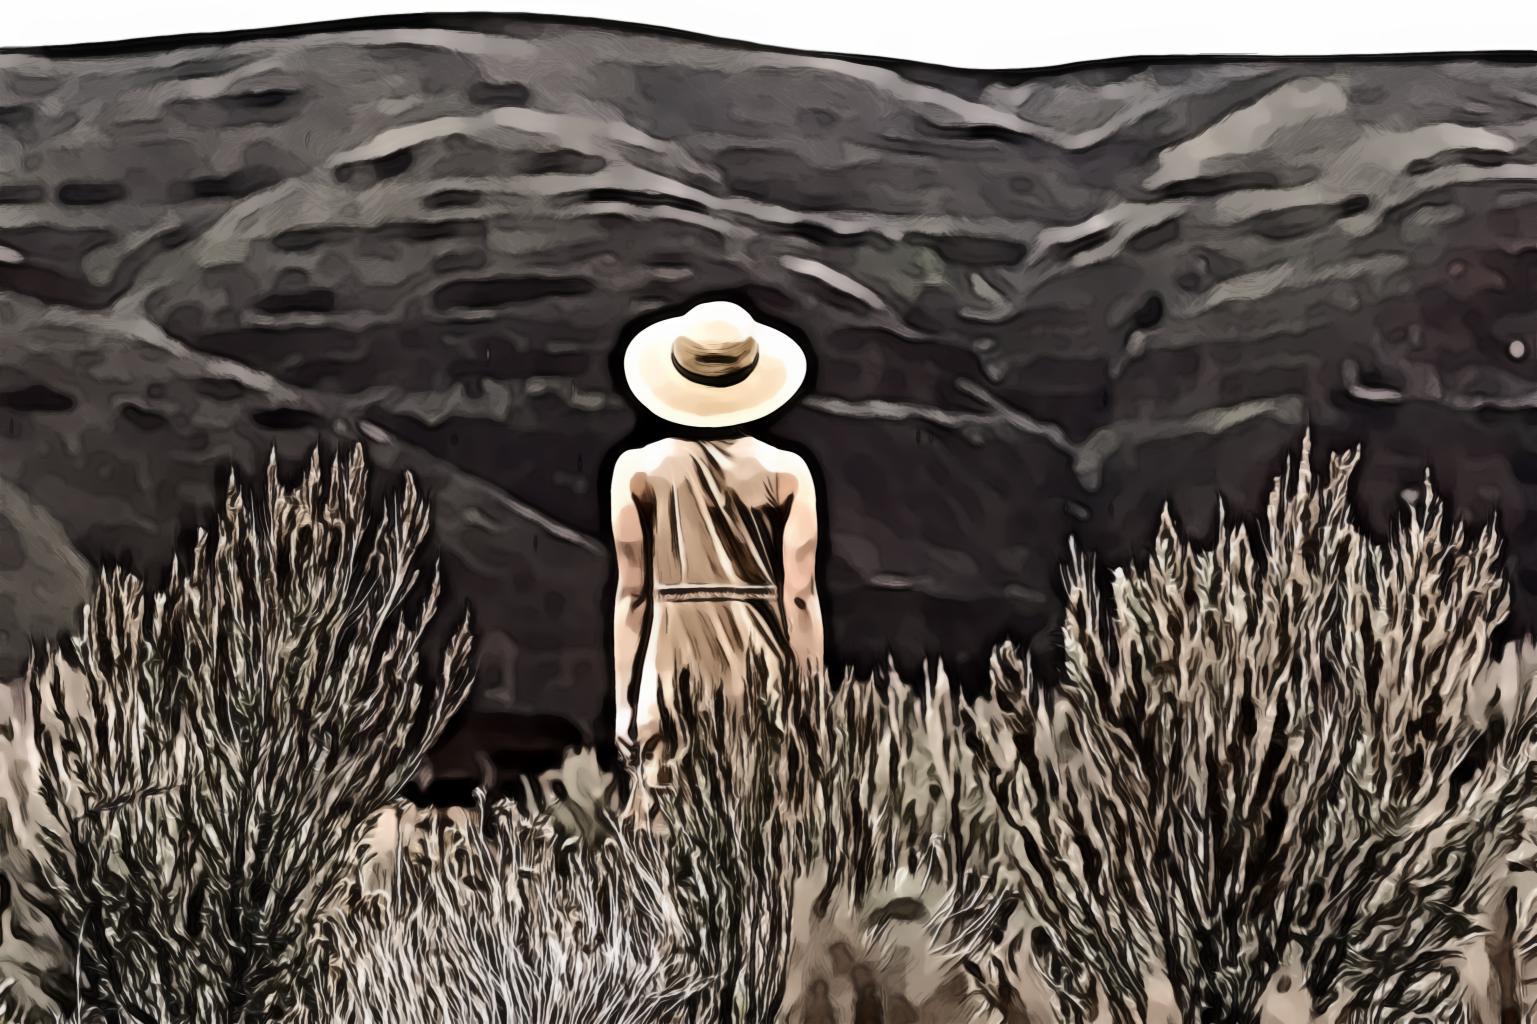 Woman walking on grassfield